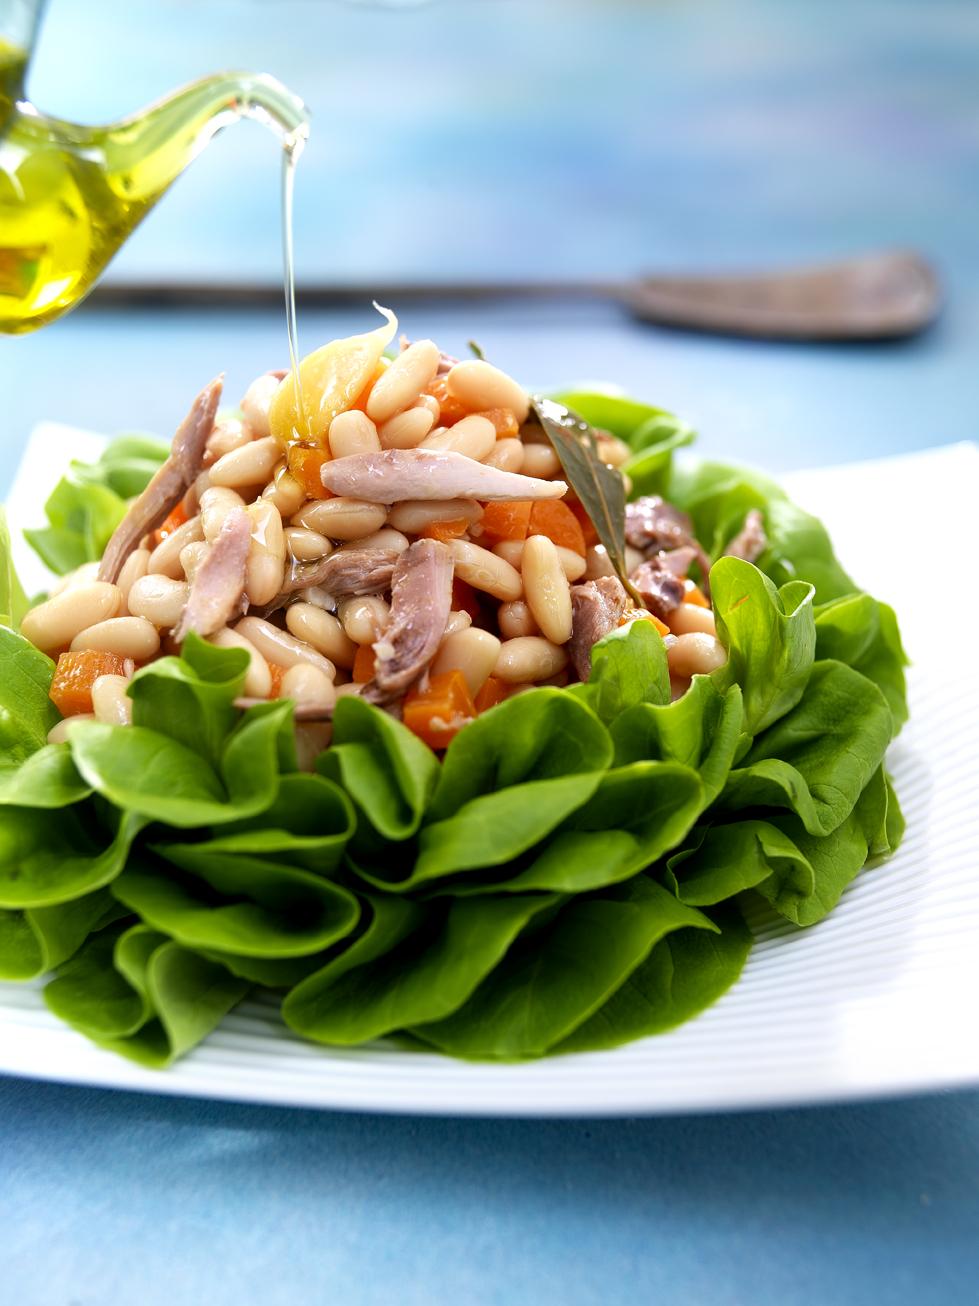 Ensalada de alubias y perdiz escabechada cocinar con for Cocinar judias blancas